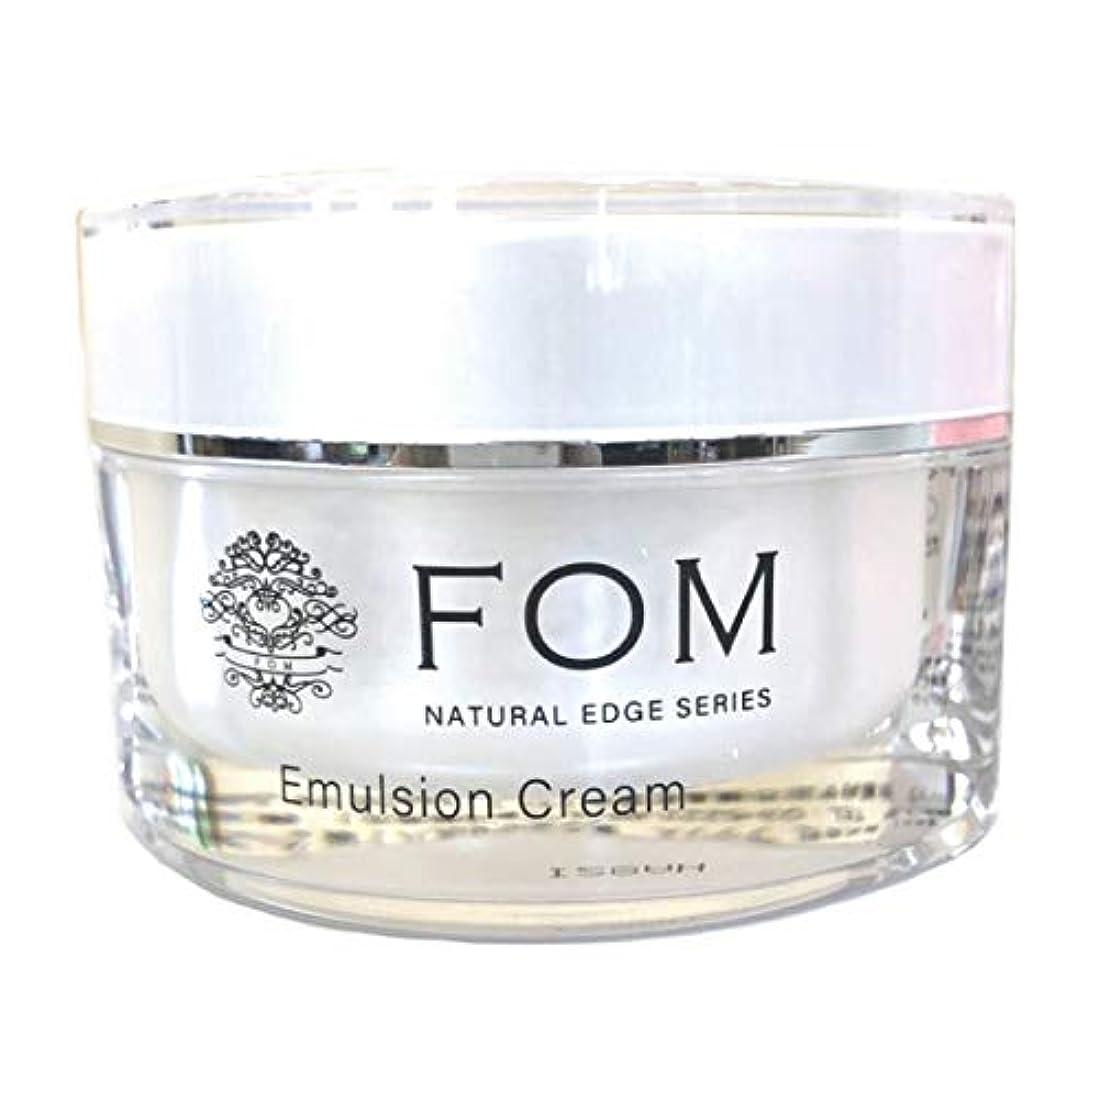 FOM フォム エマルジョンクリーム 50g ヒト幹細胞培養液